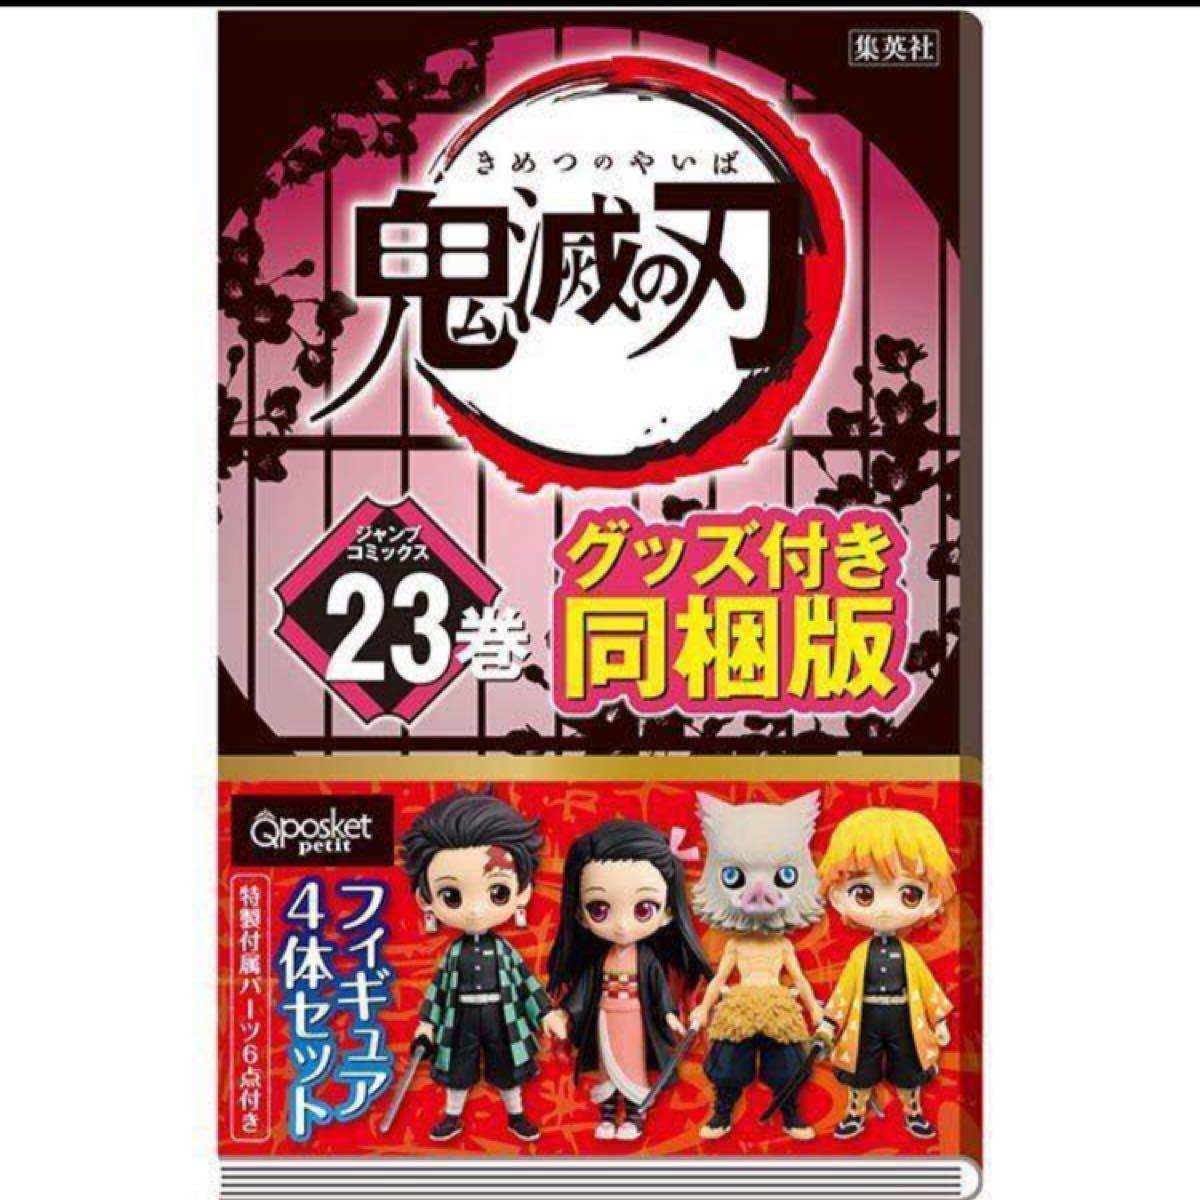 鬼滅の刃23巻 フィギュア付き同梱版